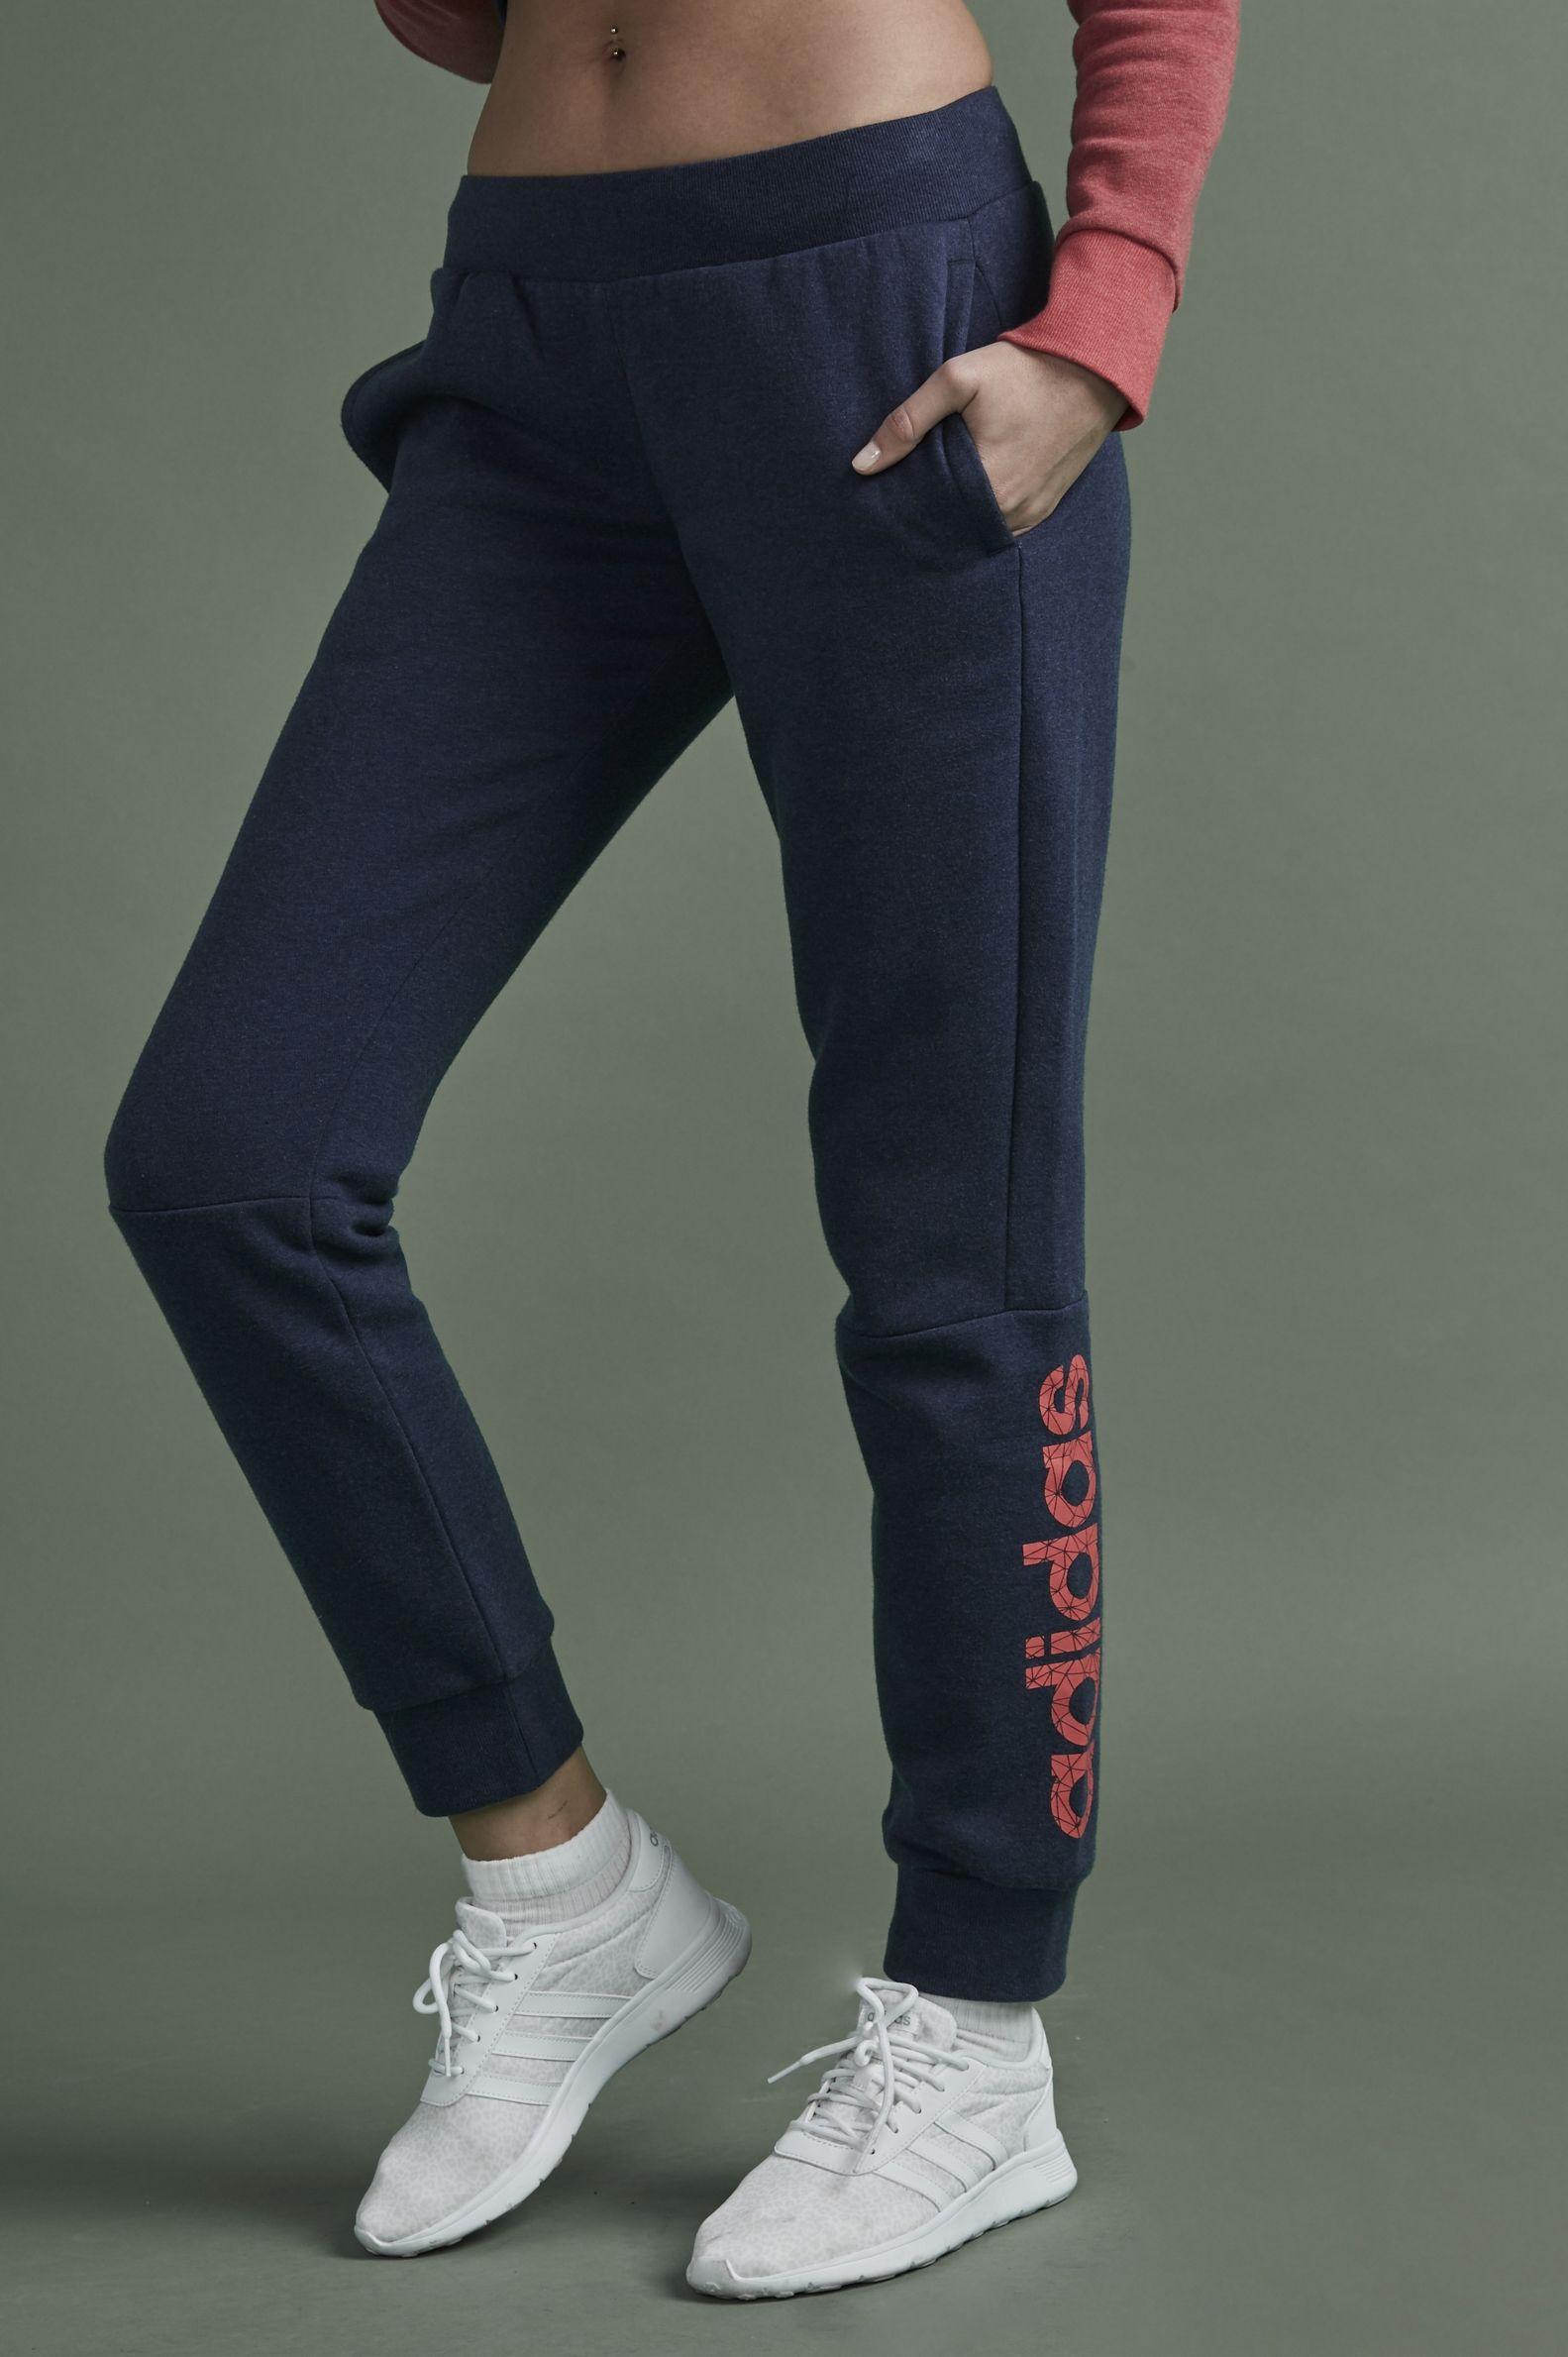 pantalones con puño abajo mujer adidas Buscar con Google